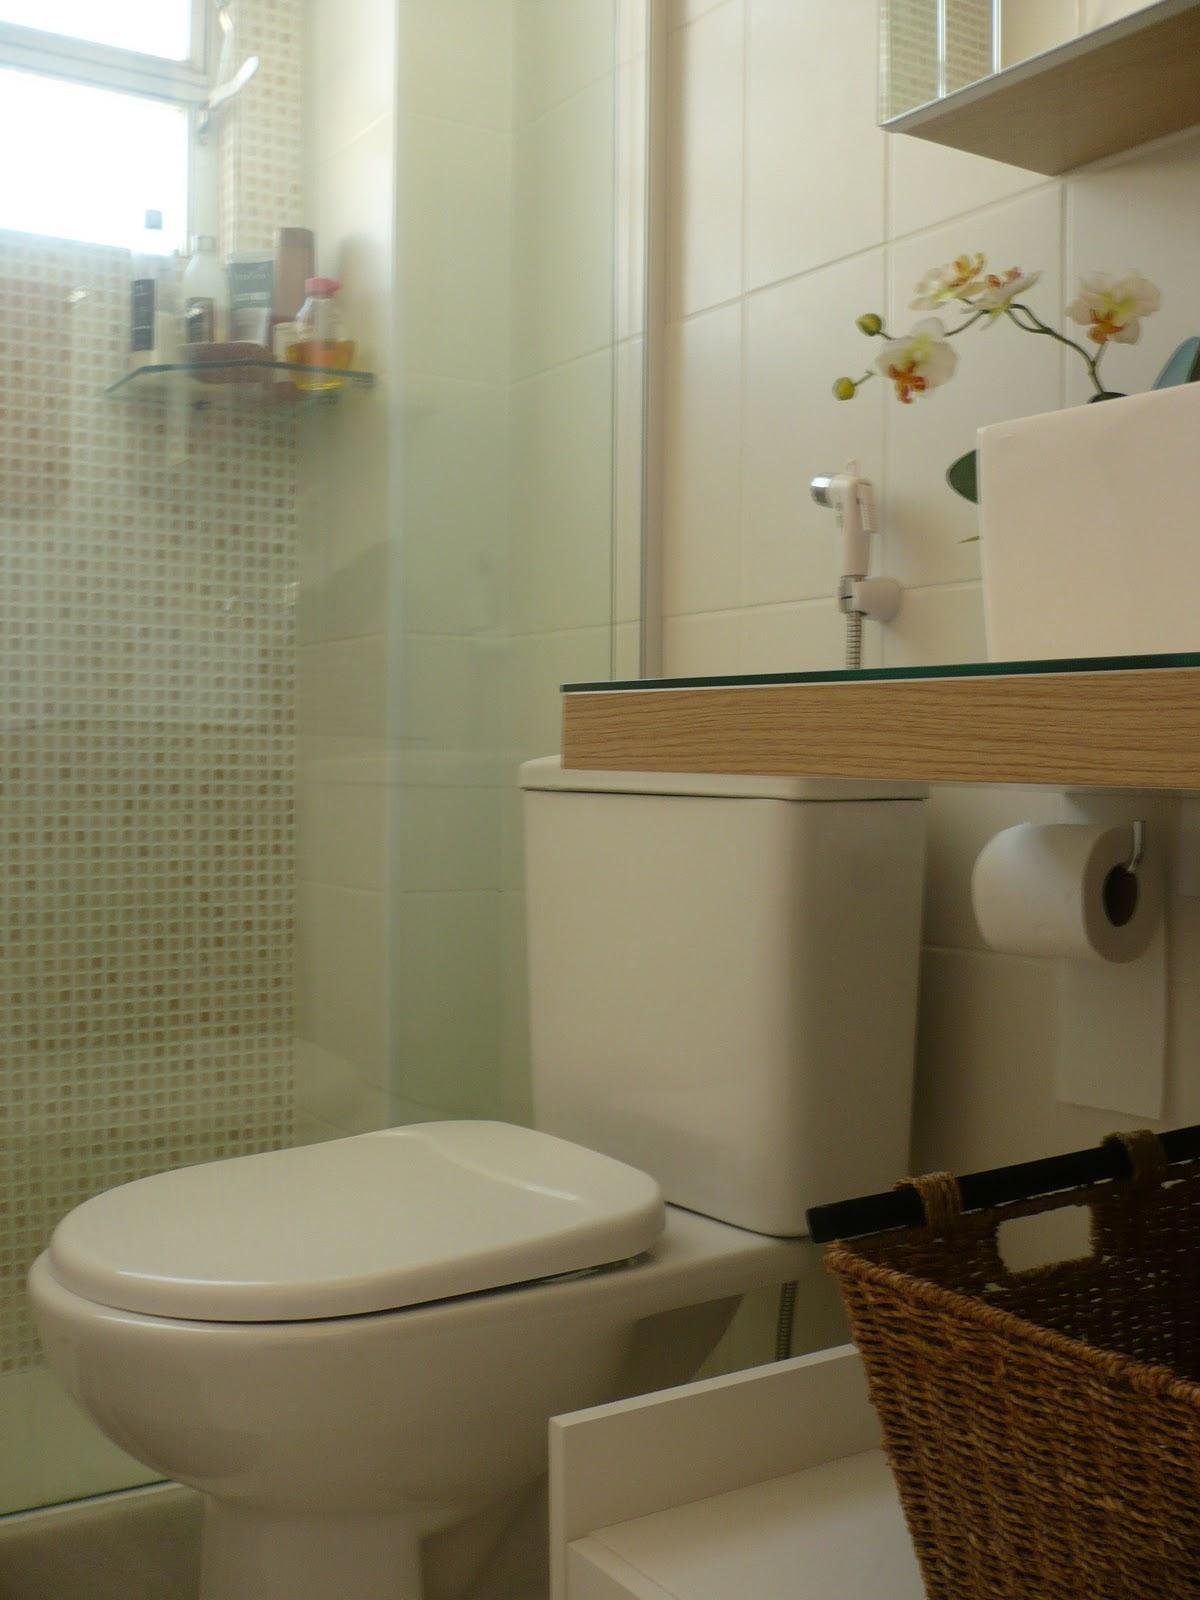 Concretizar Projetos e Reformas: Pequenos Ambientes Banheiro #352814 1200 1600